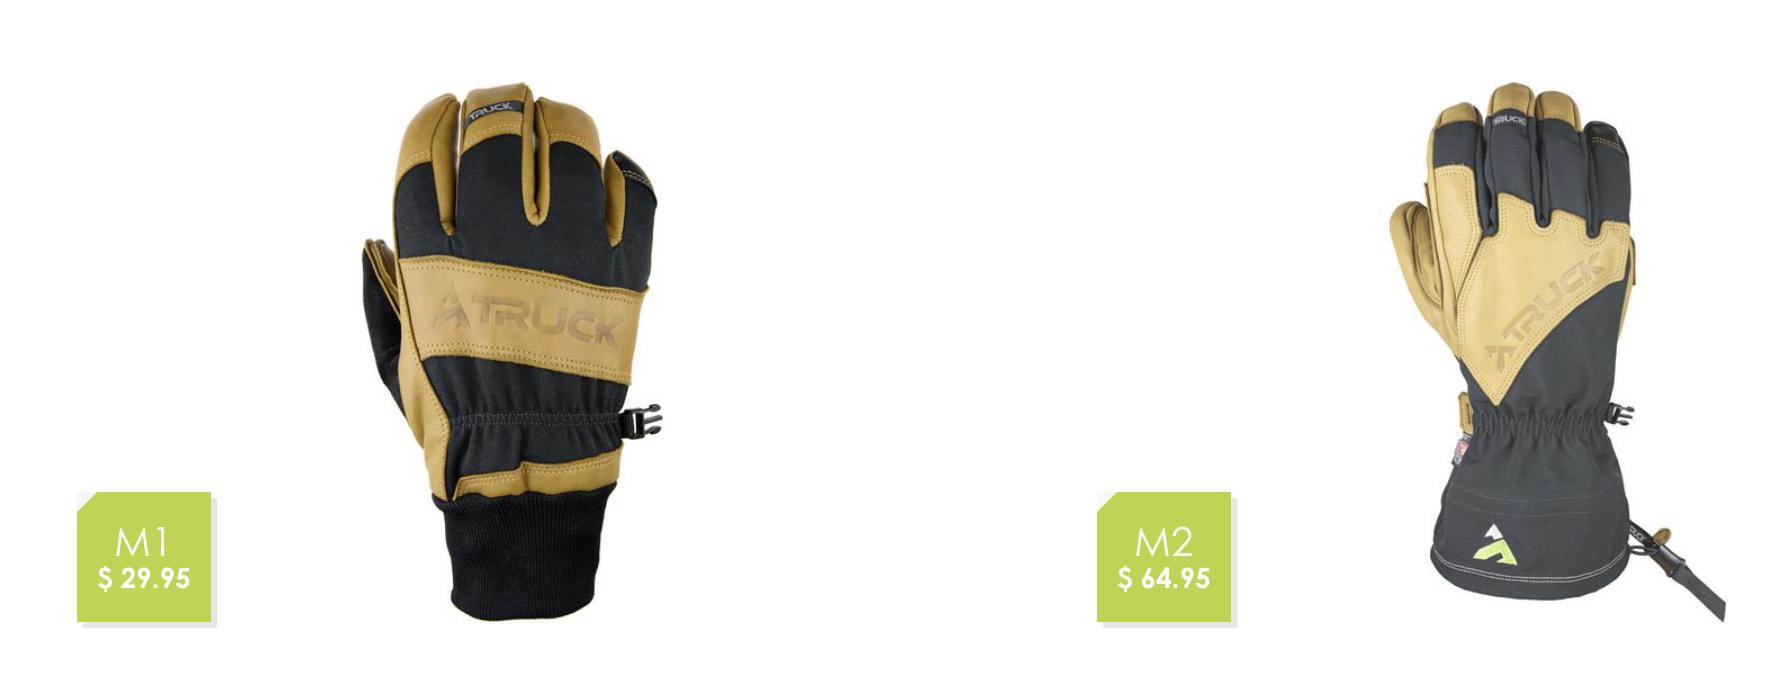 Truck Gloves M2